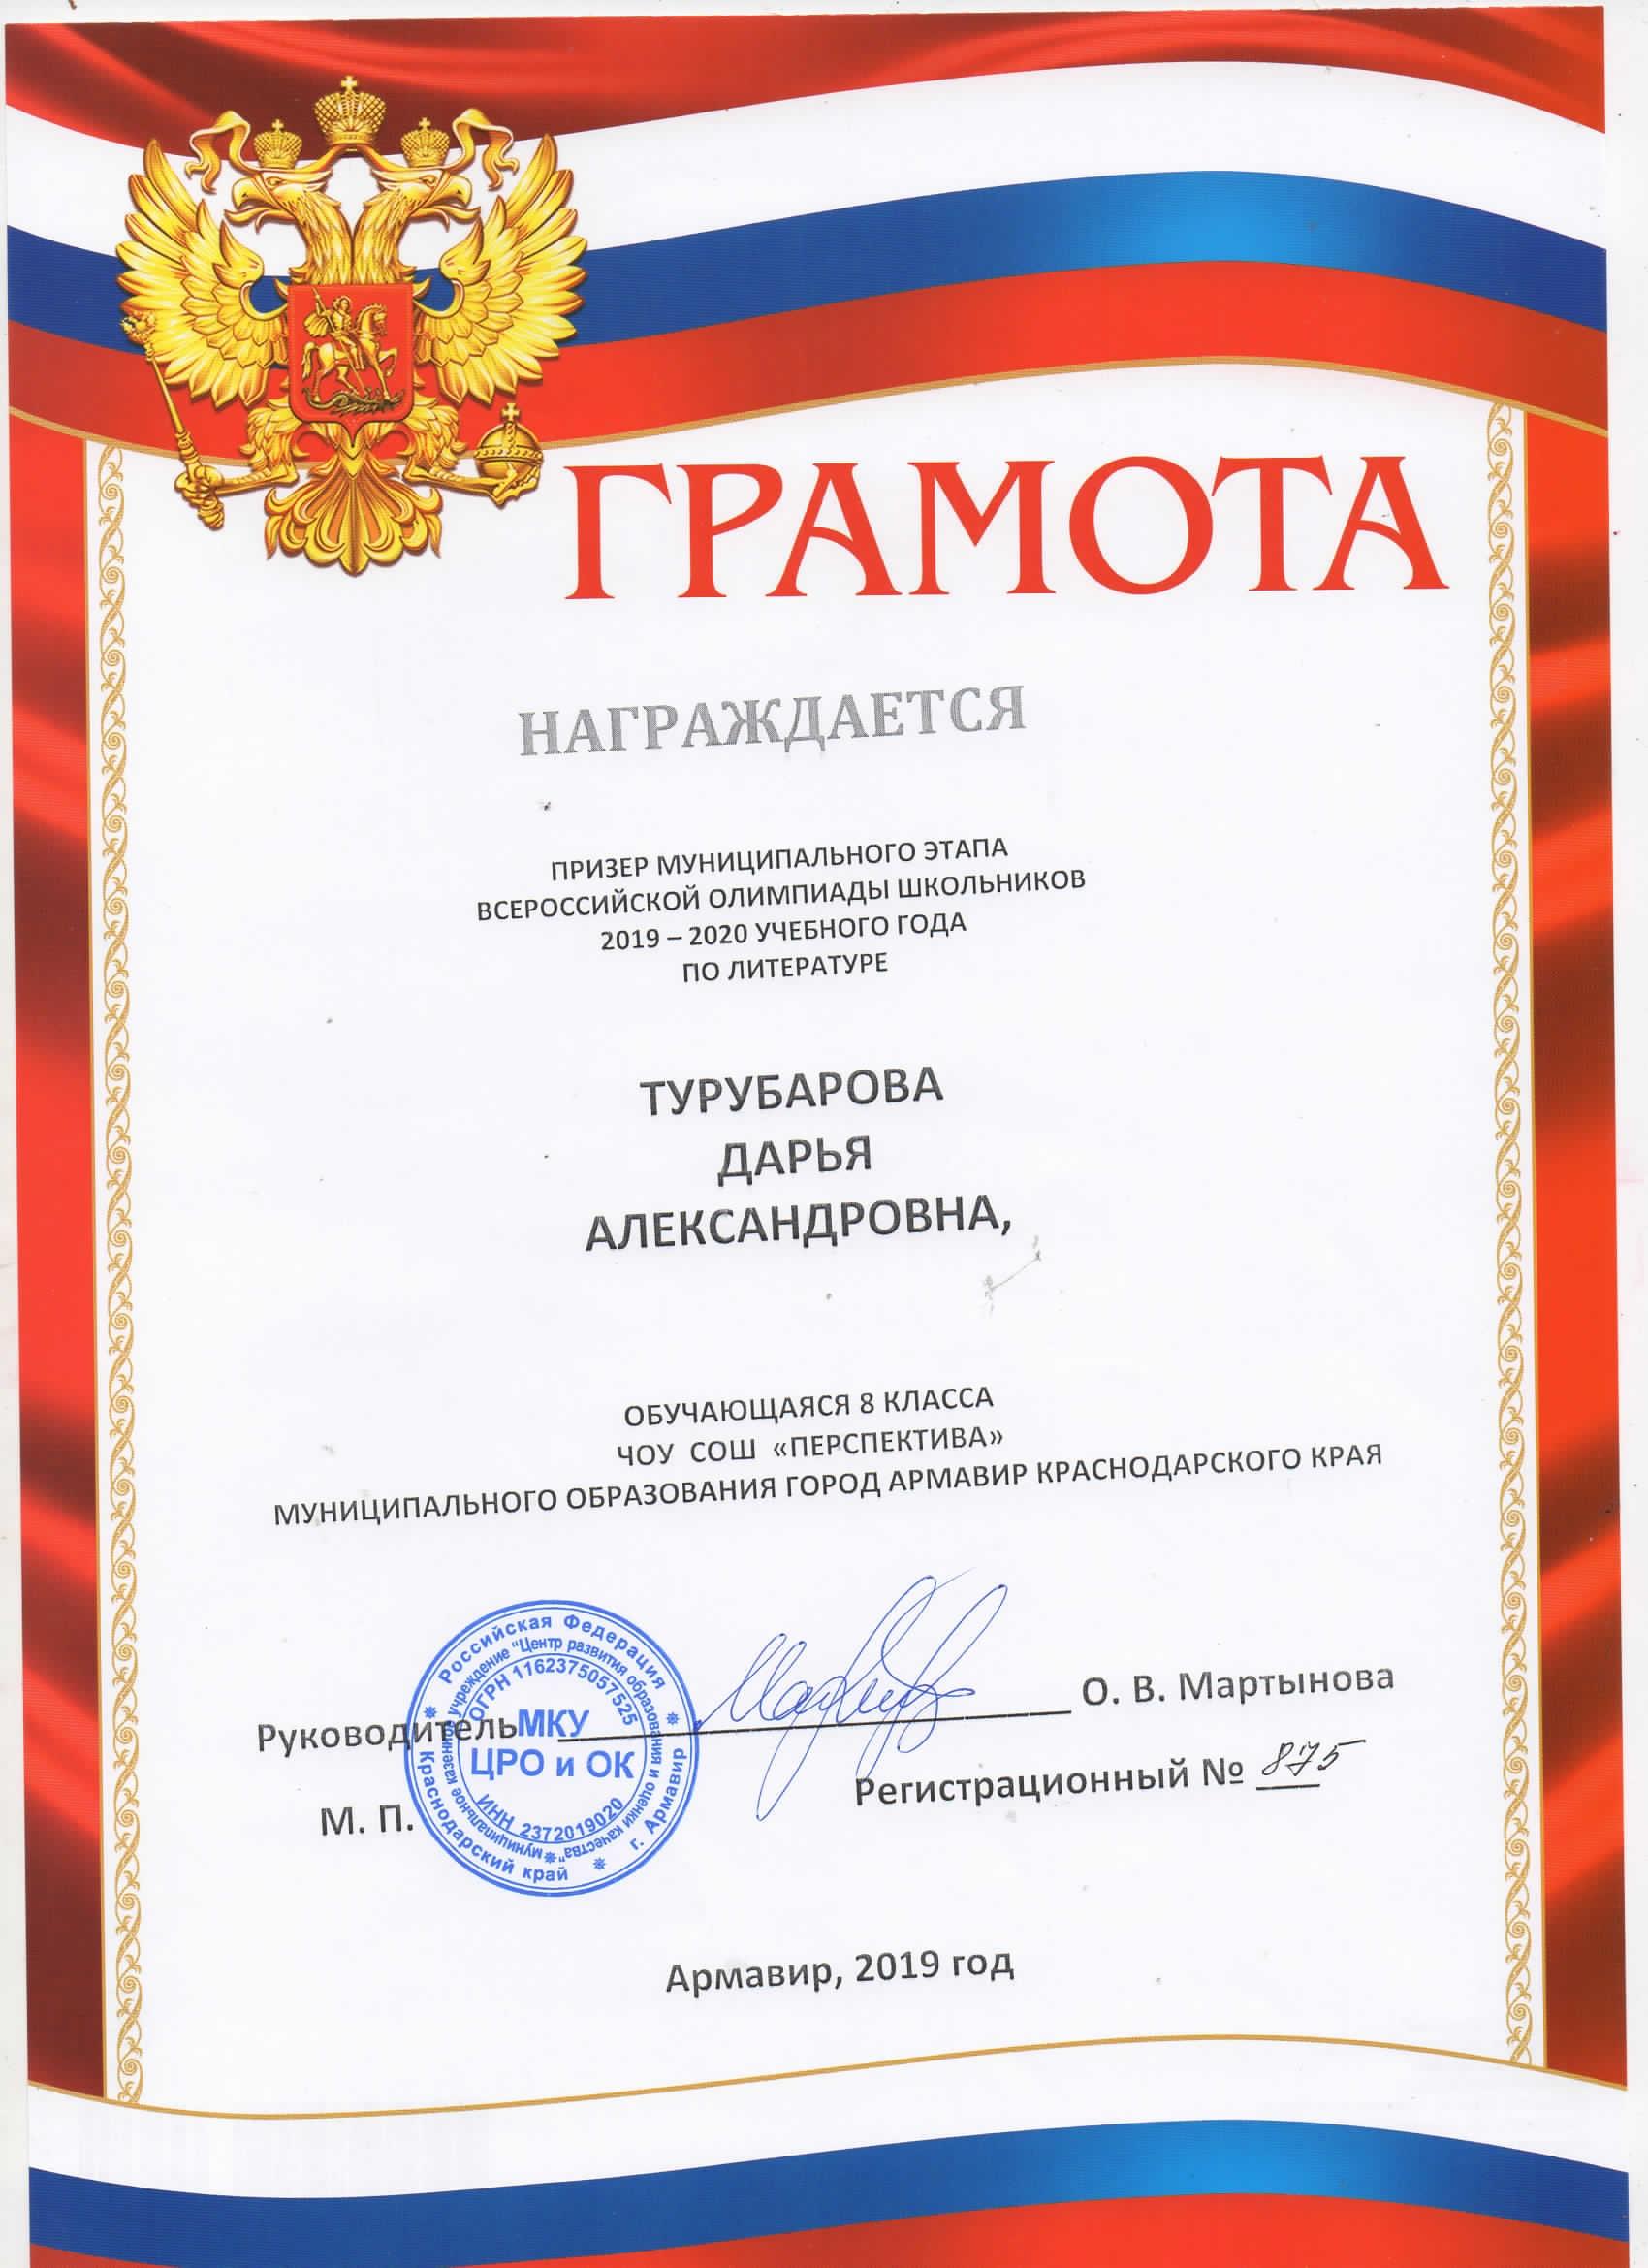 turubarova